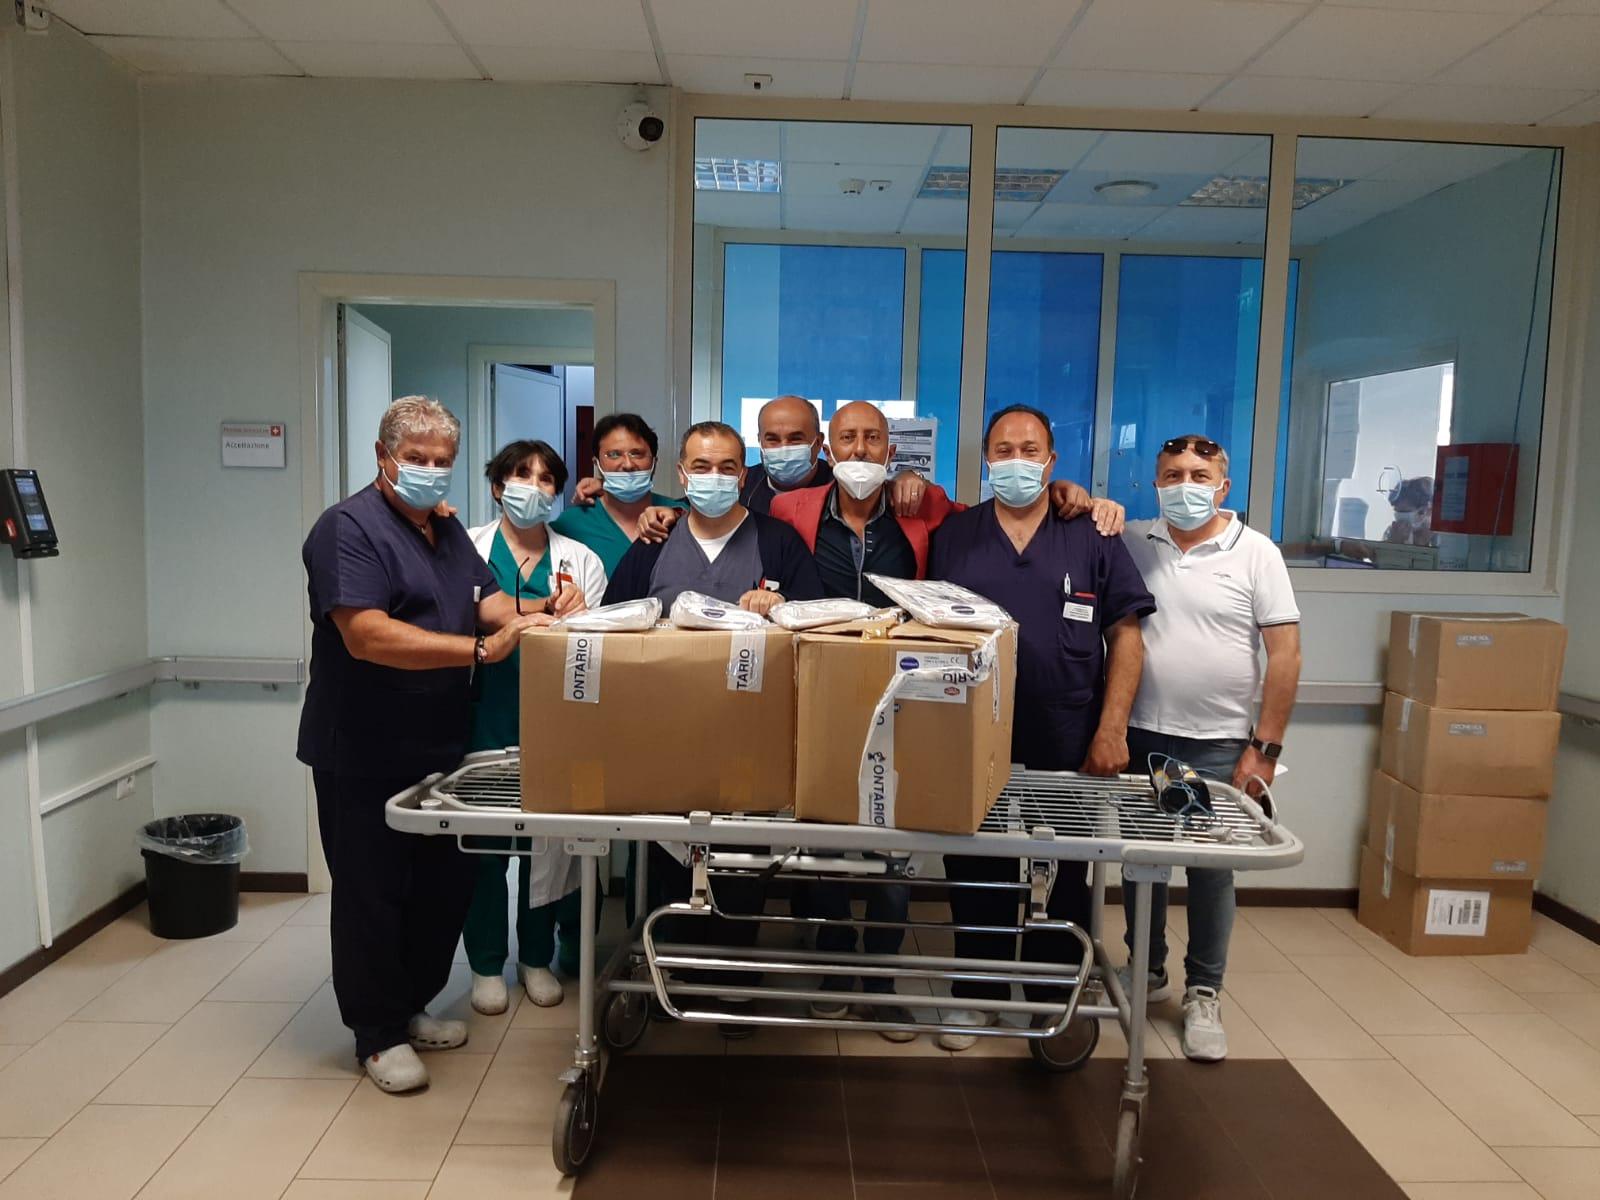 10/06/2020 - Donazioni ospedaliere COVID-19